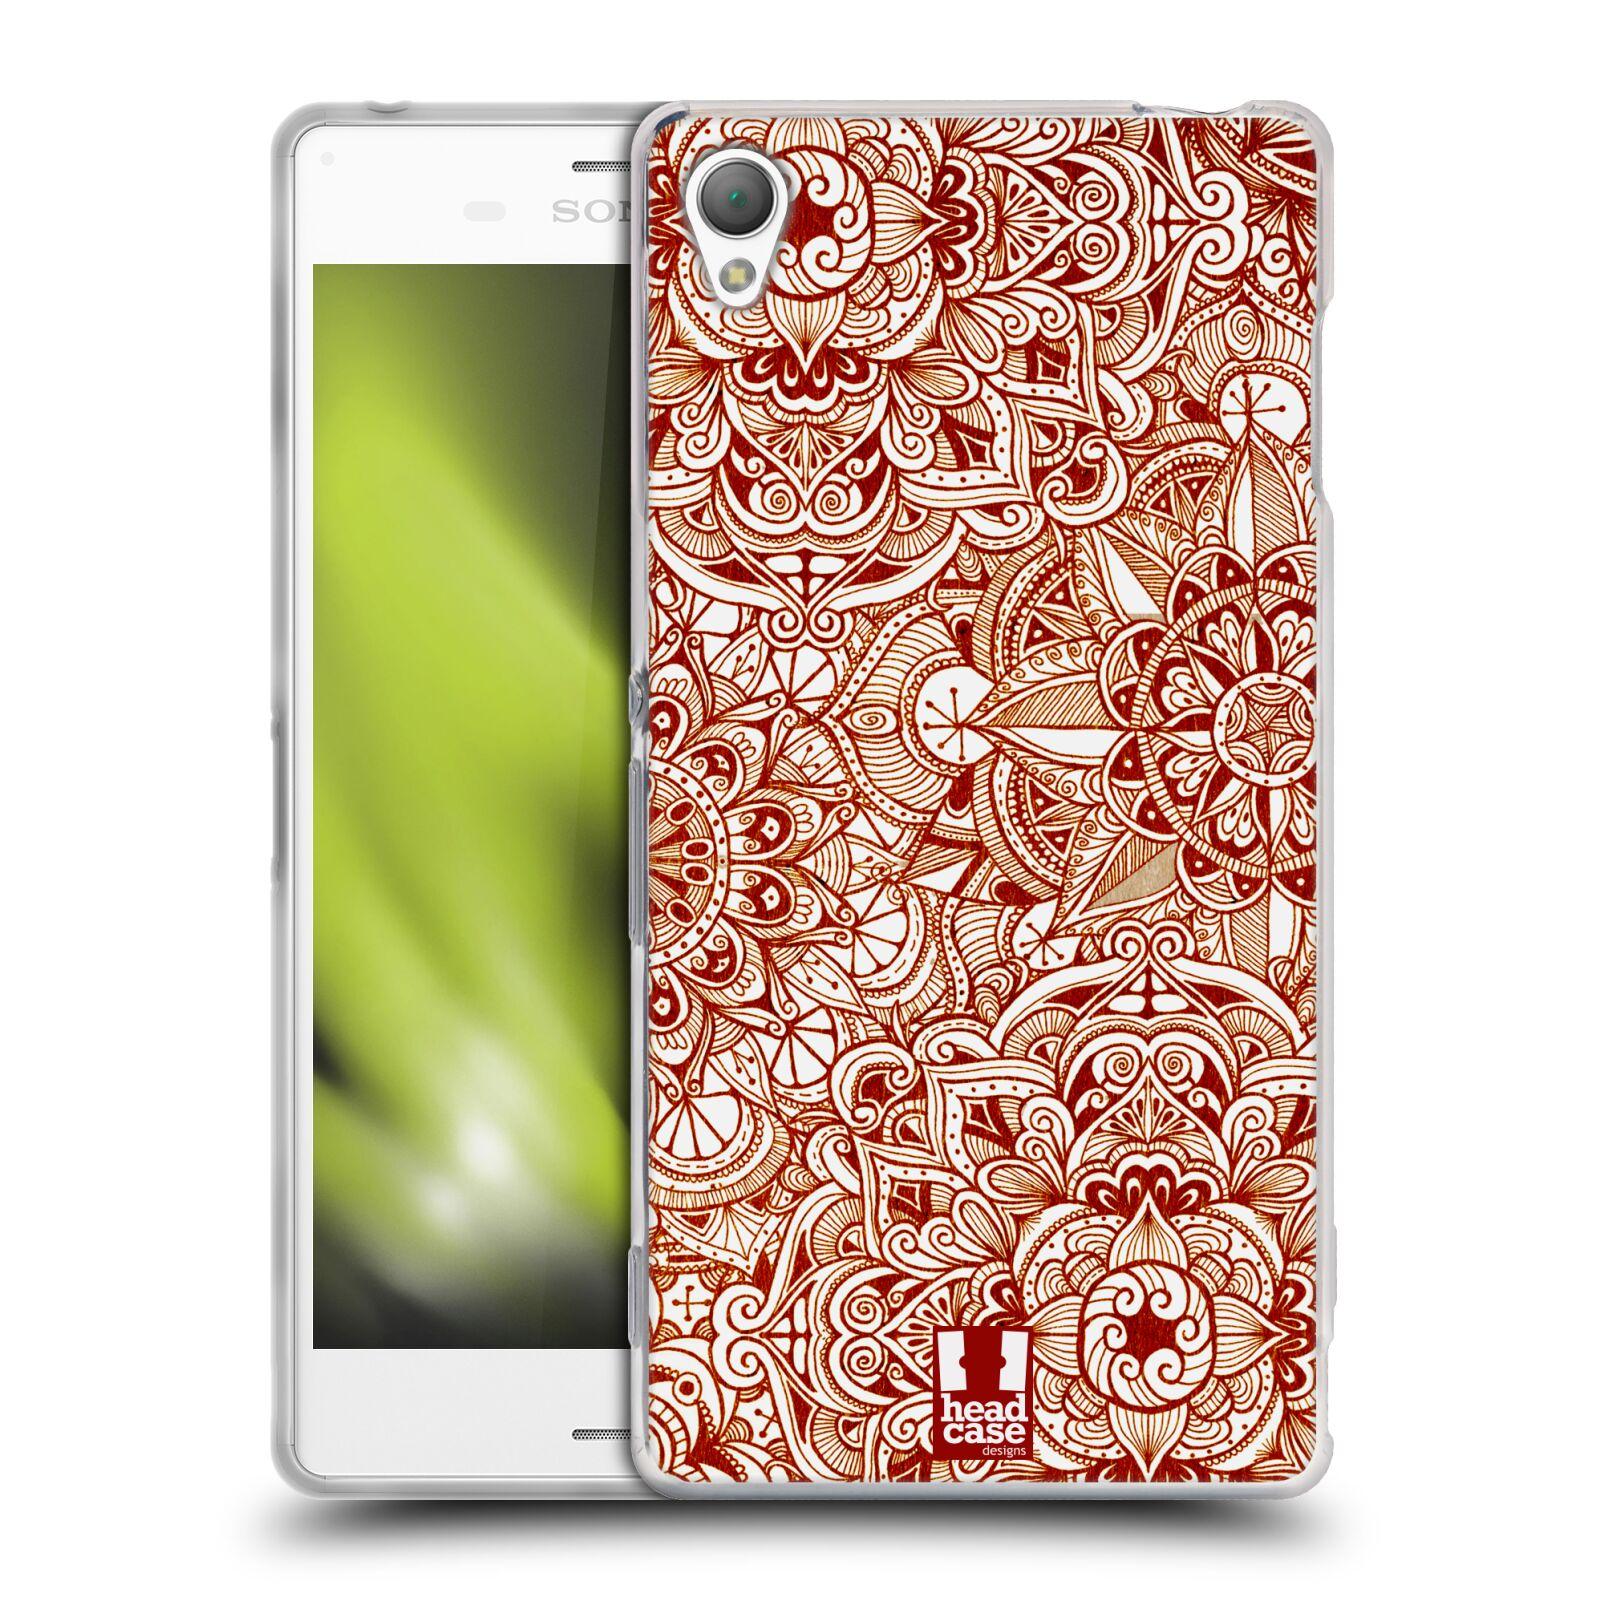 HEAD CASE silikonový obal na mobil Sony Xperia Z3 vzor Indie Mandala slunce barevná ČERVENÁ RUDÁ MAPA